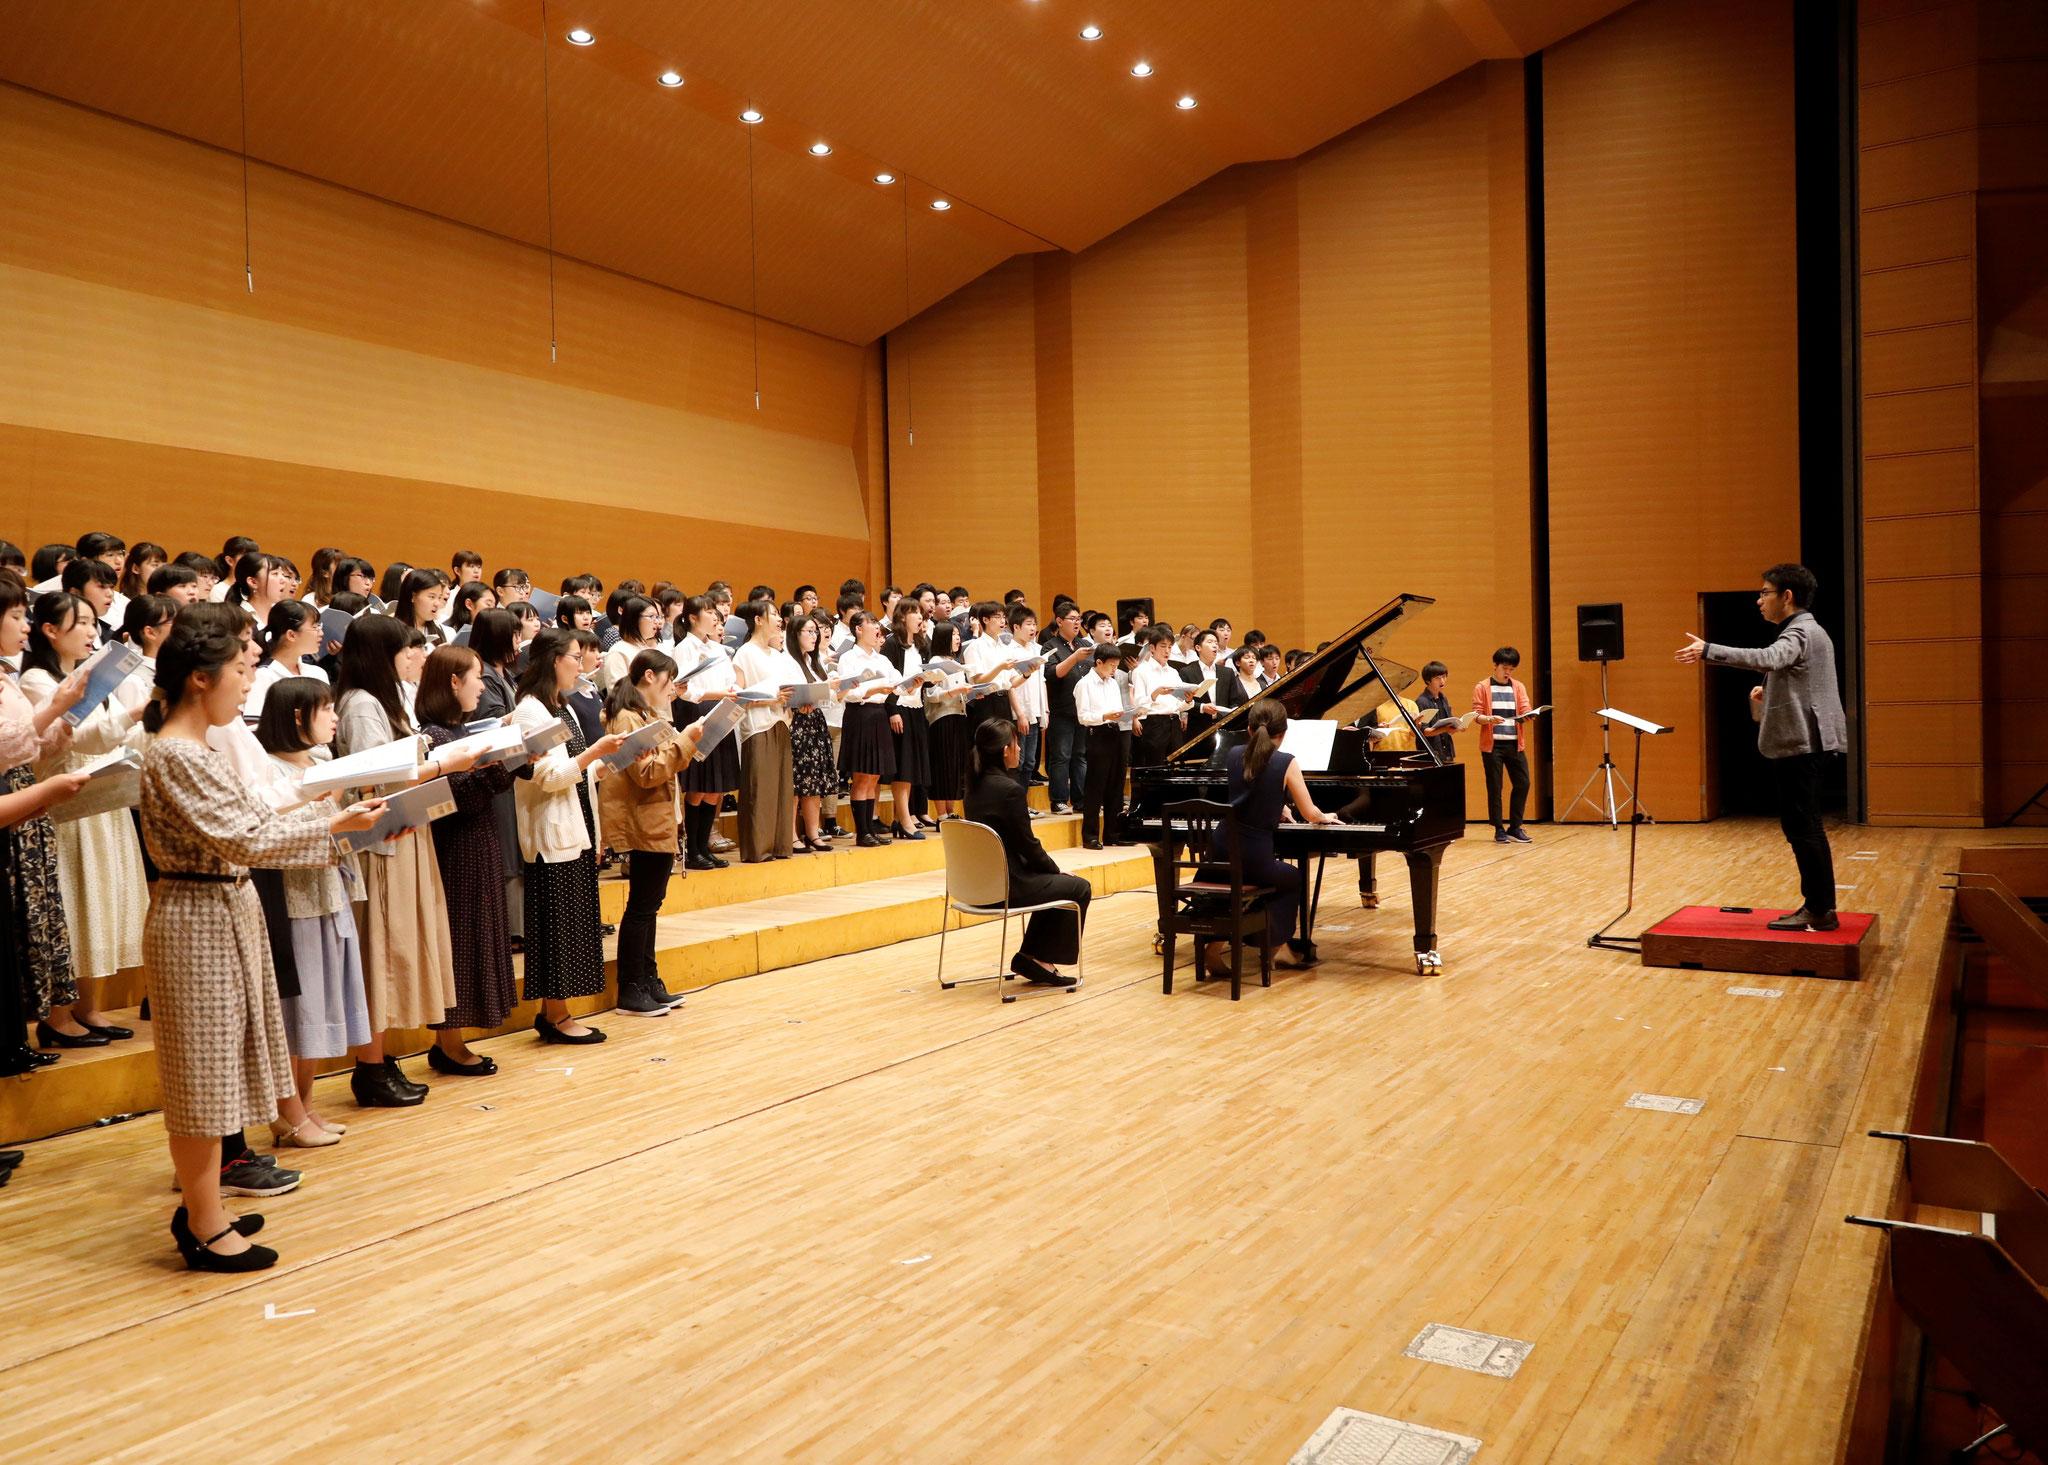 クロージングコンサート《作曲家個展シリーズVol.8信長貴富》JCDAユース合唱団 指揮:信長貴富